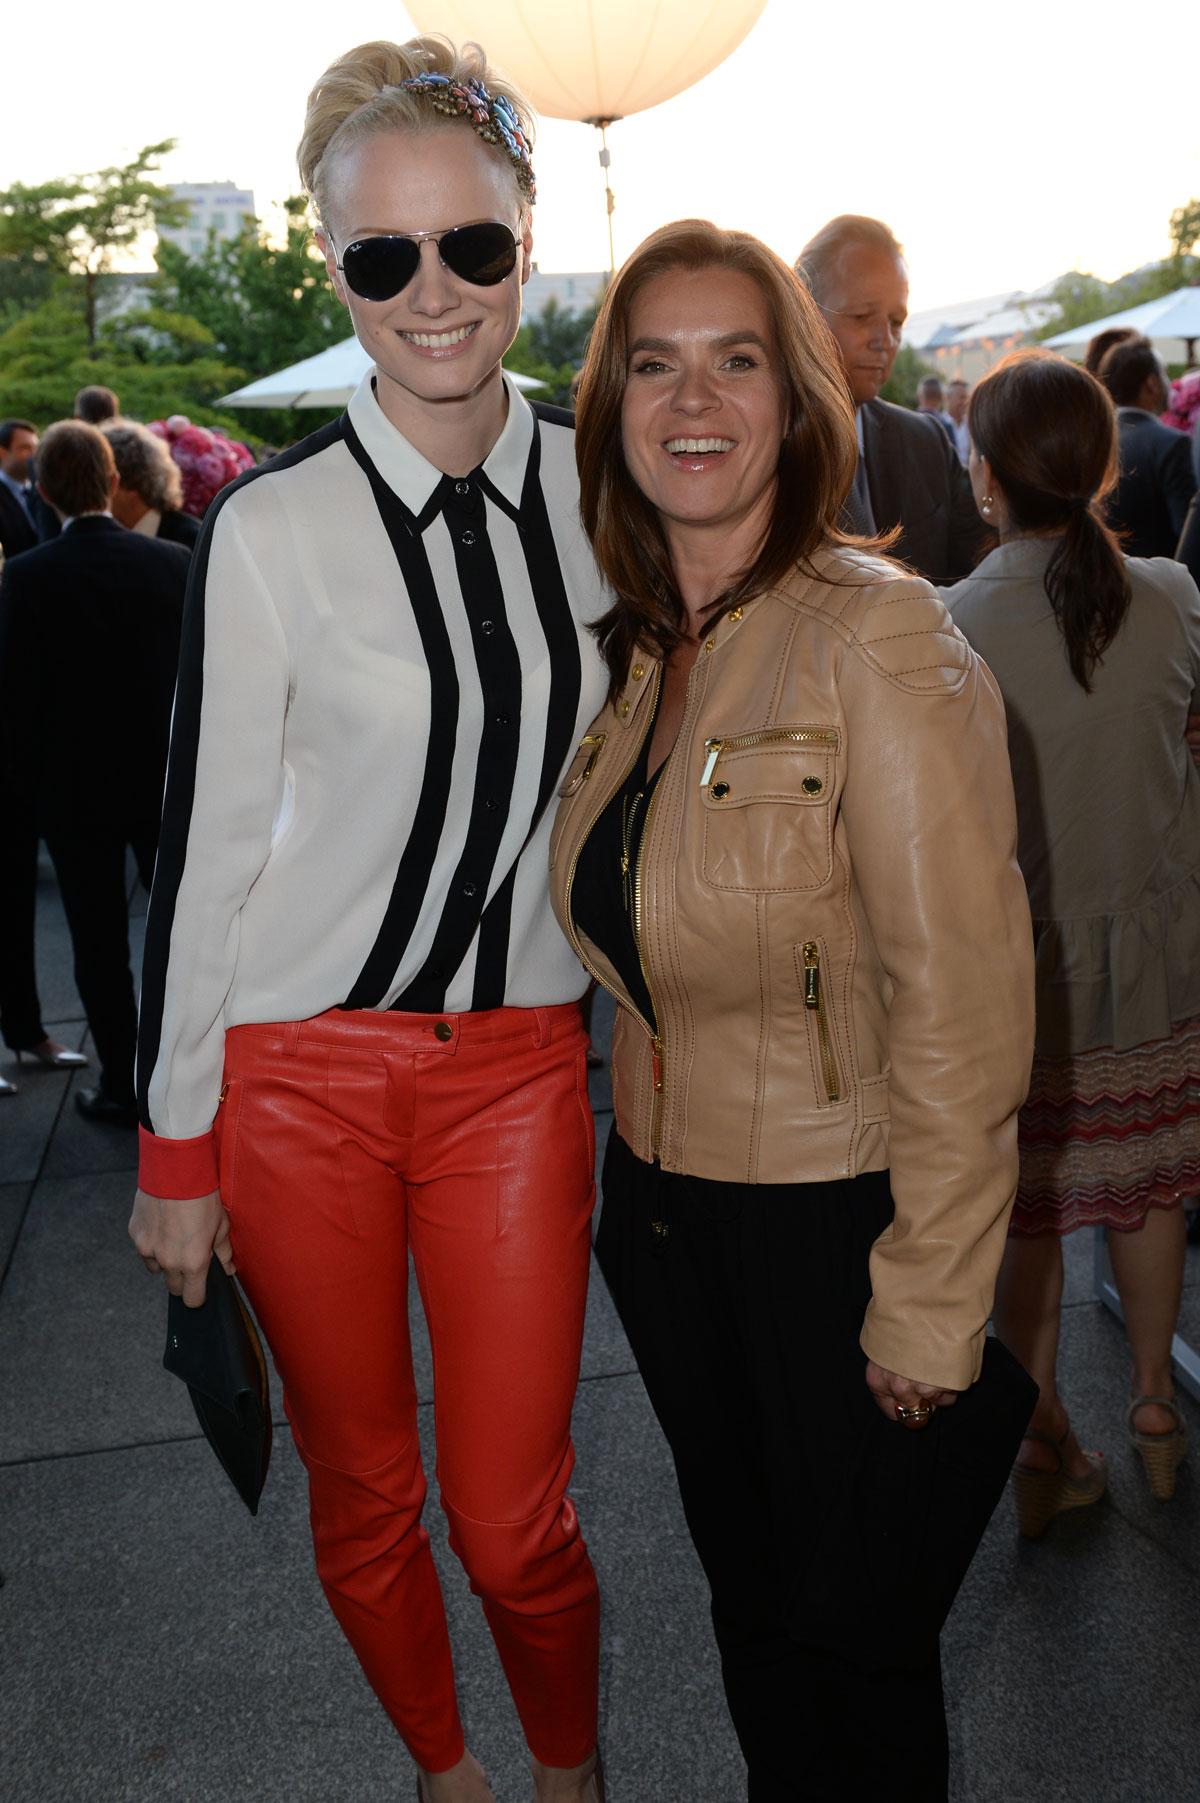 Franziska Knuppe attends Burda summer festival